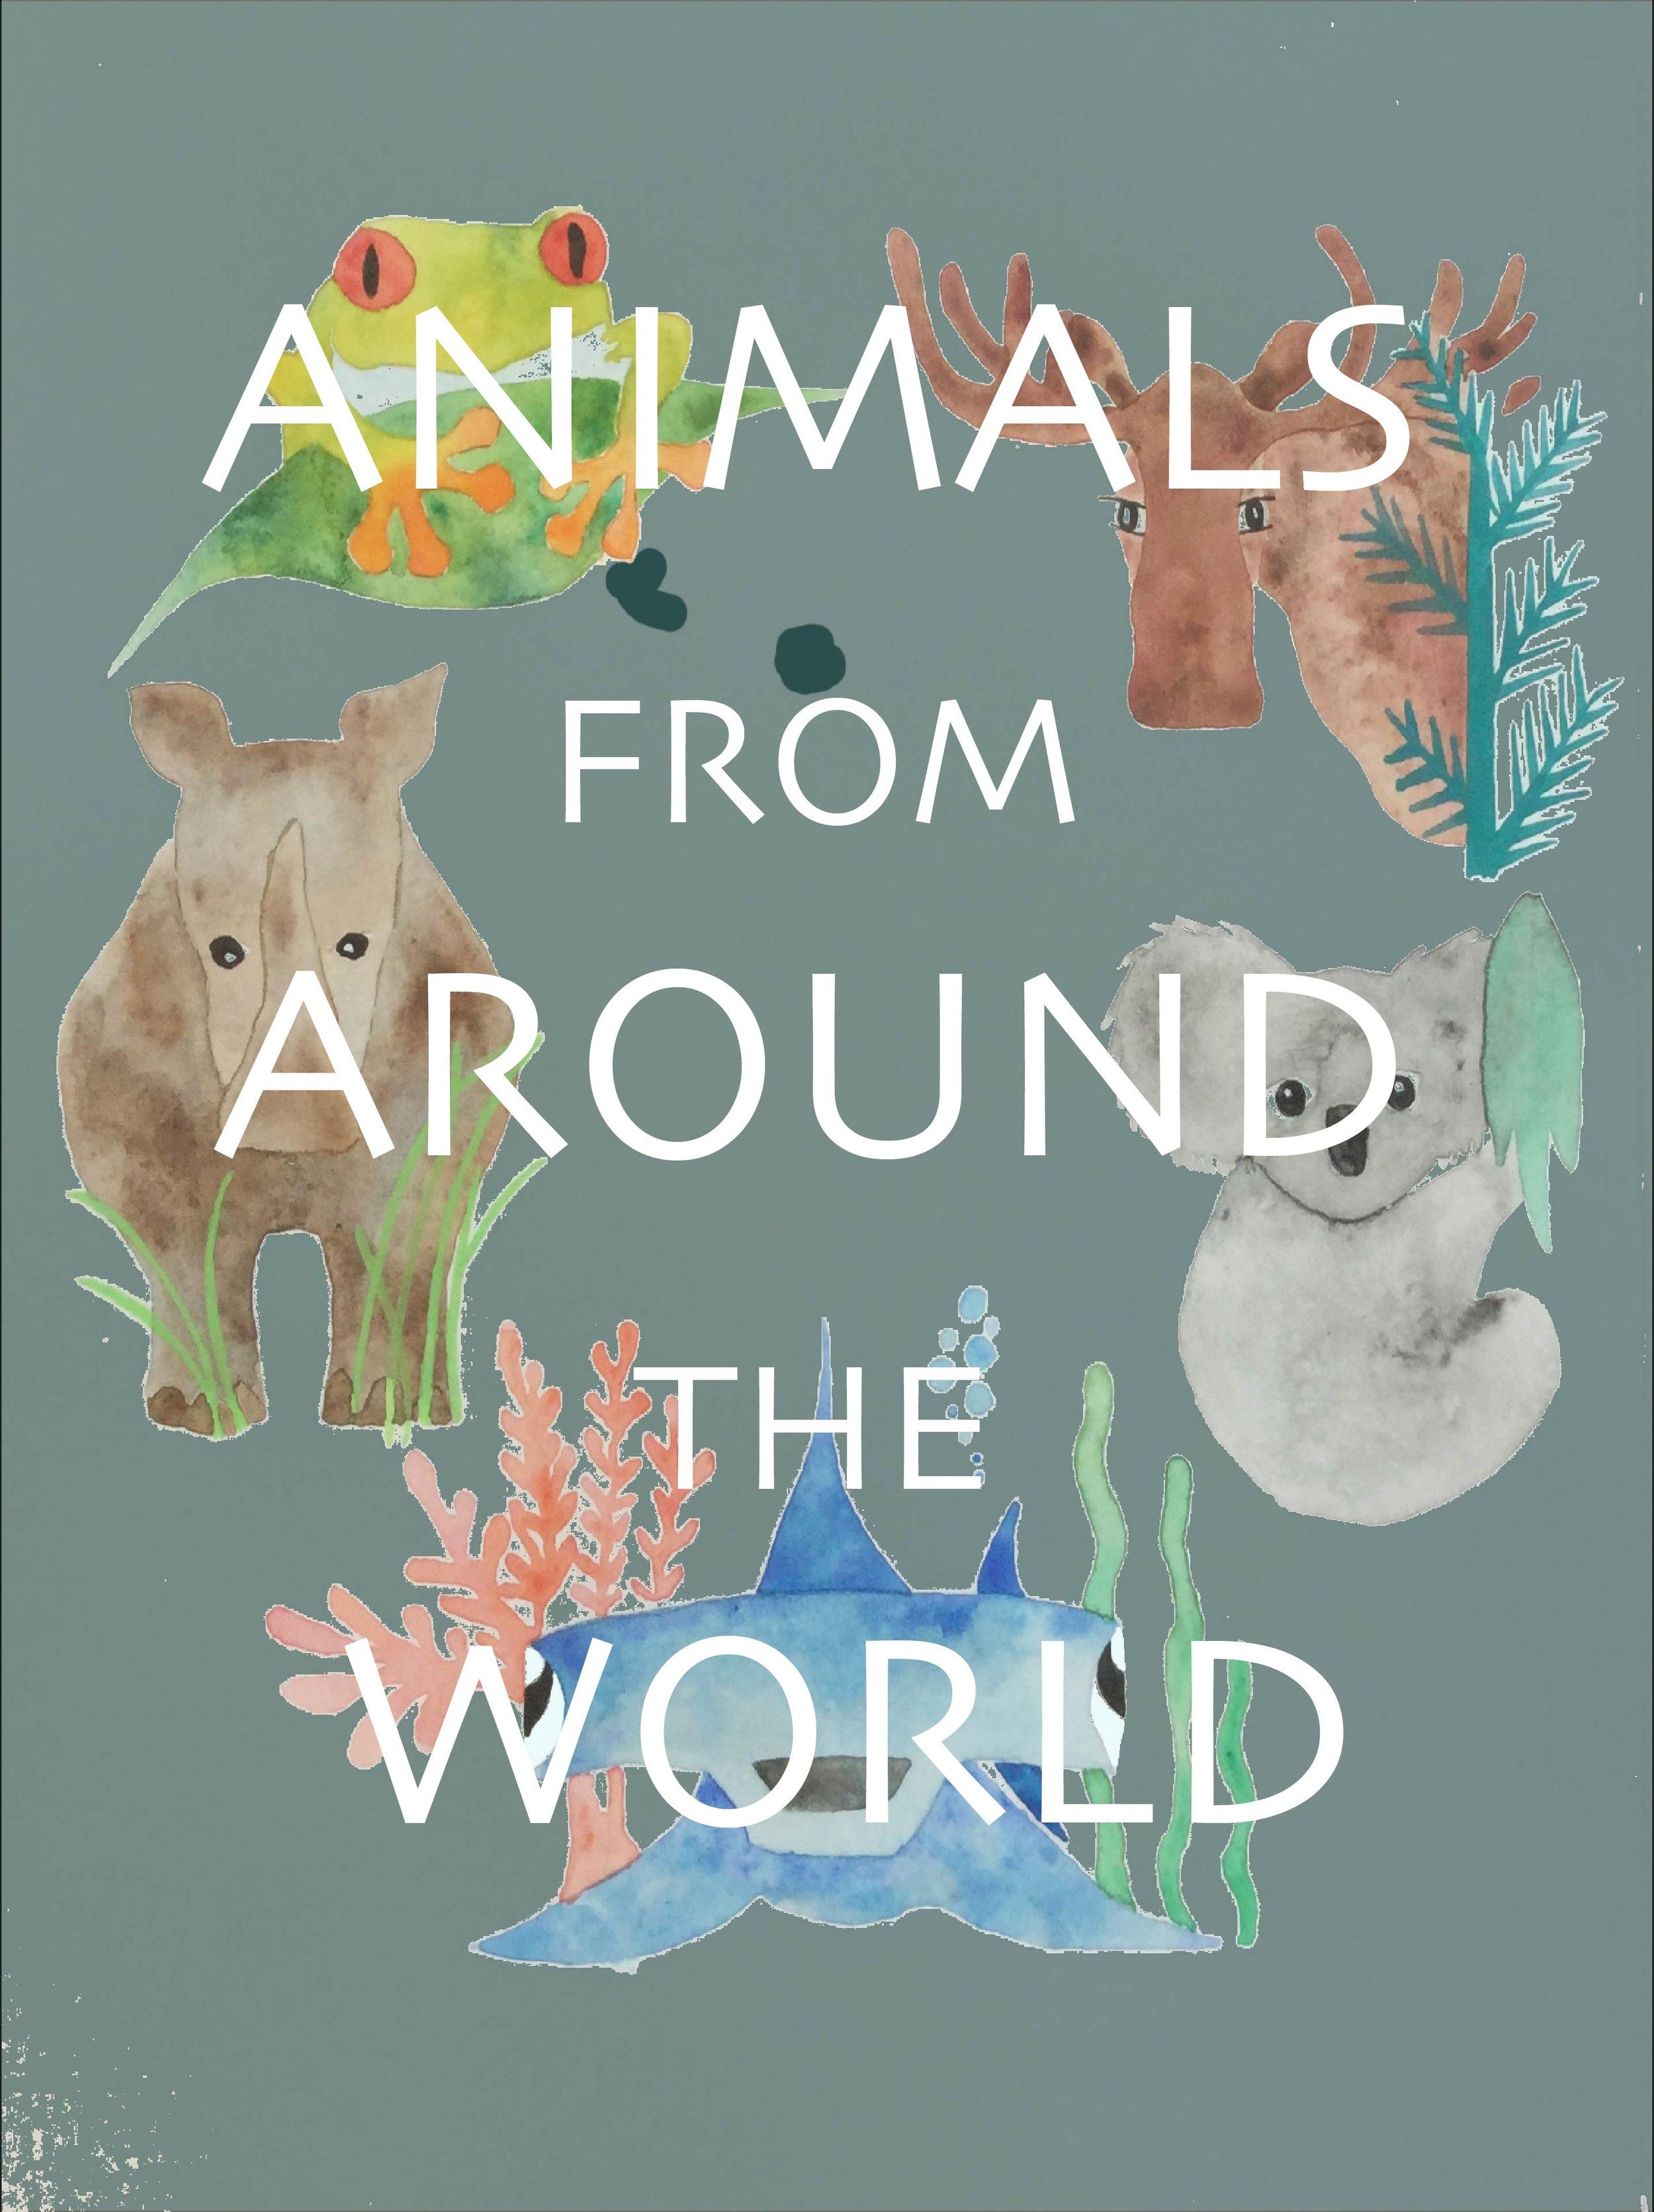 ANIMAL COVER 1J-01.jpg